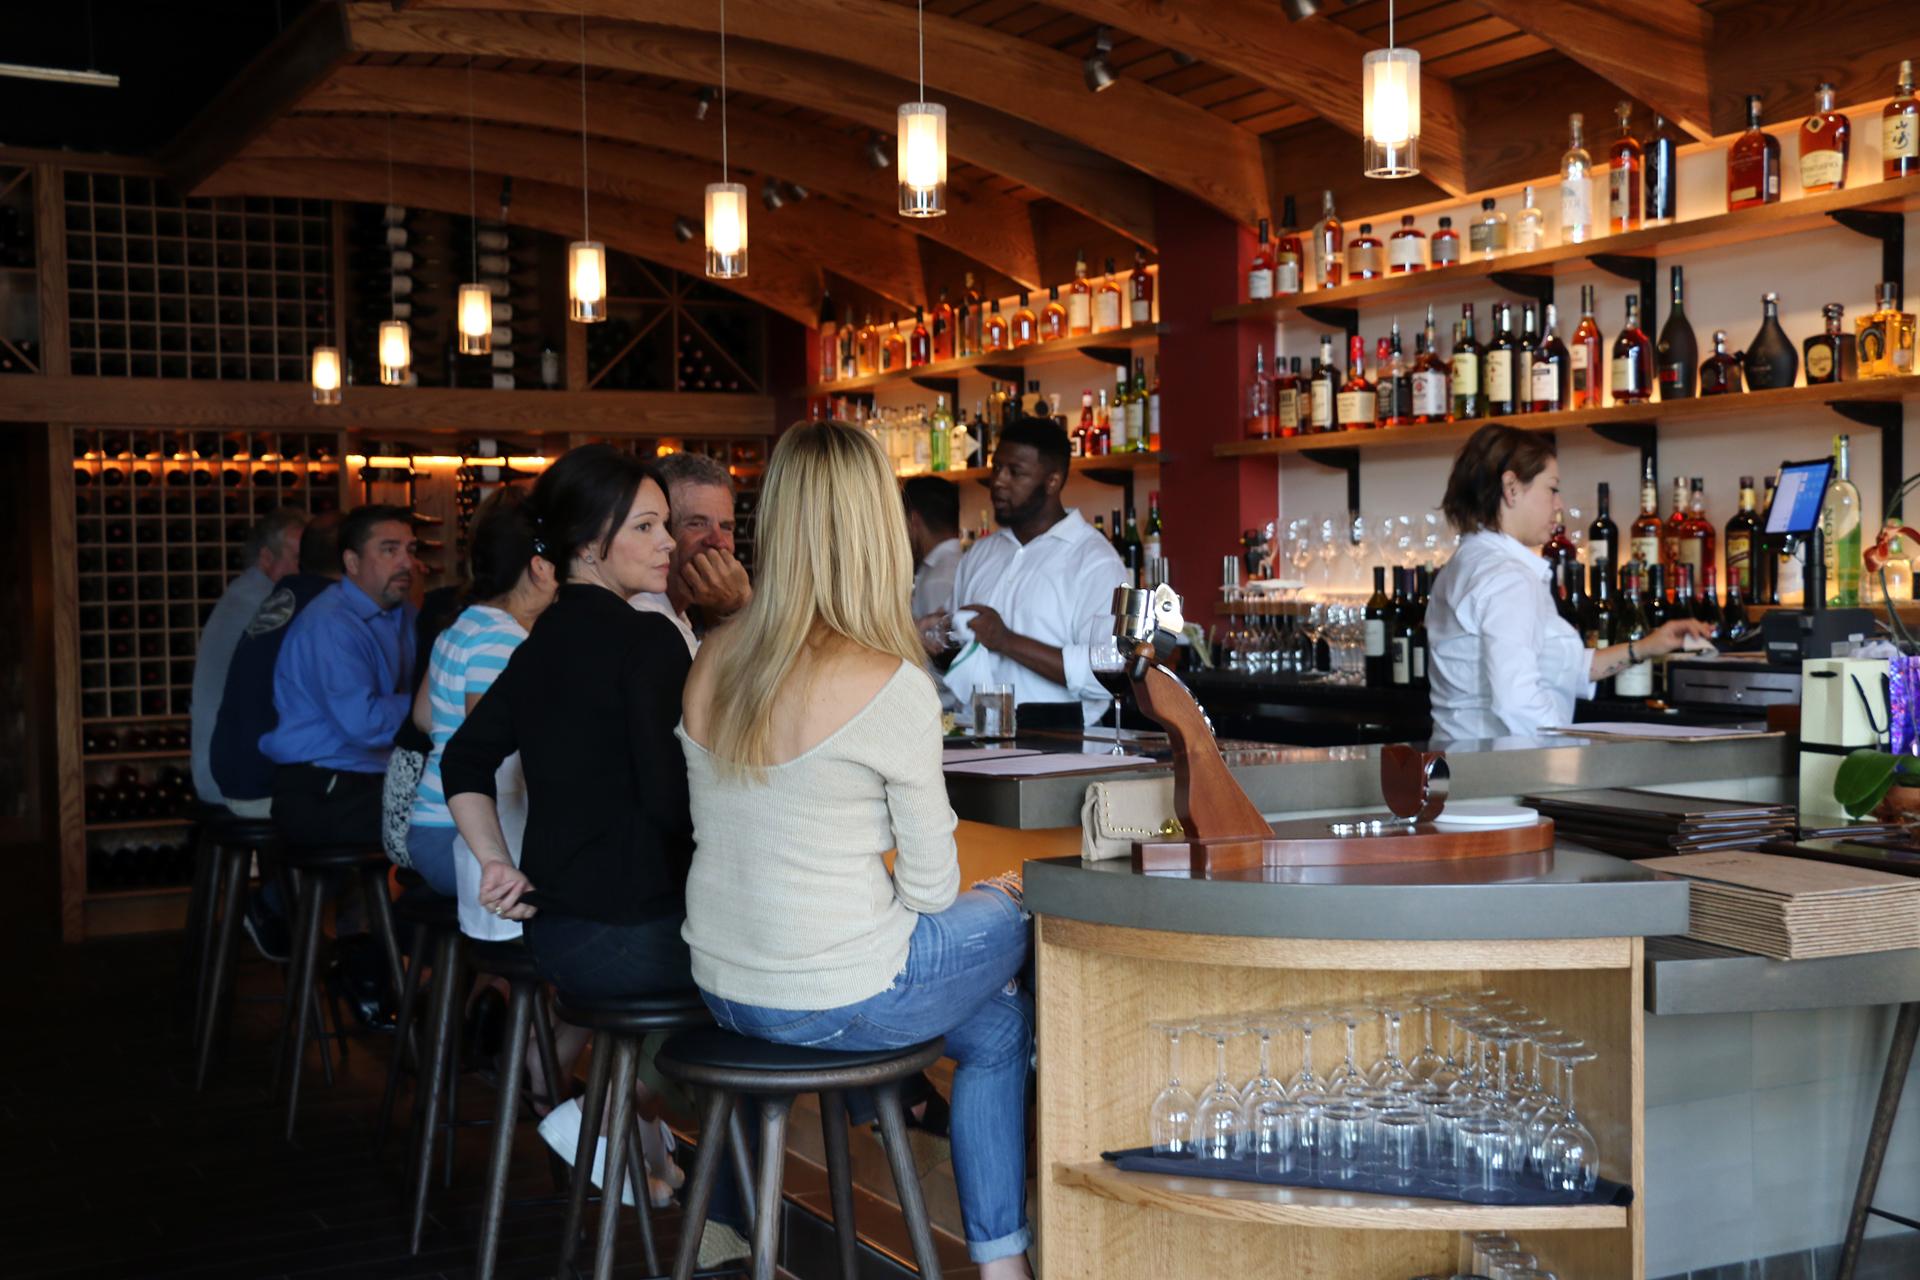 The convivial bar at Sabio on Main